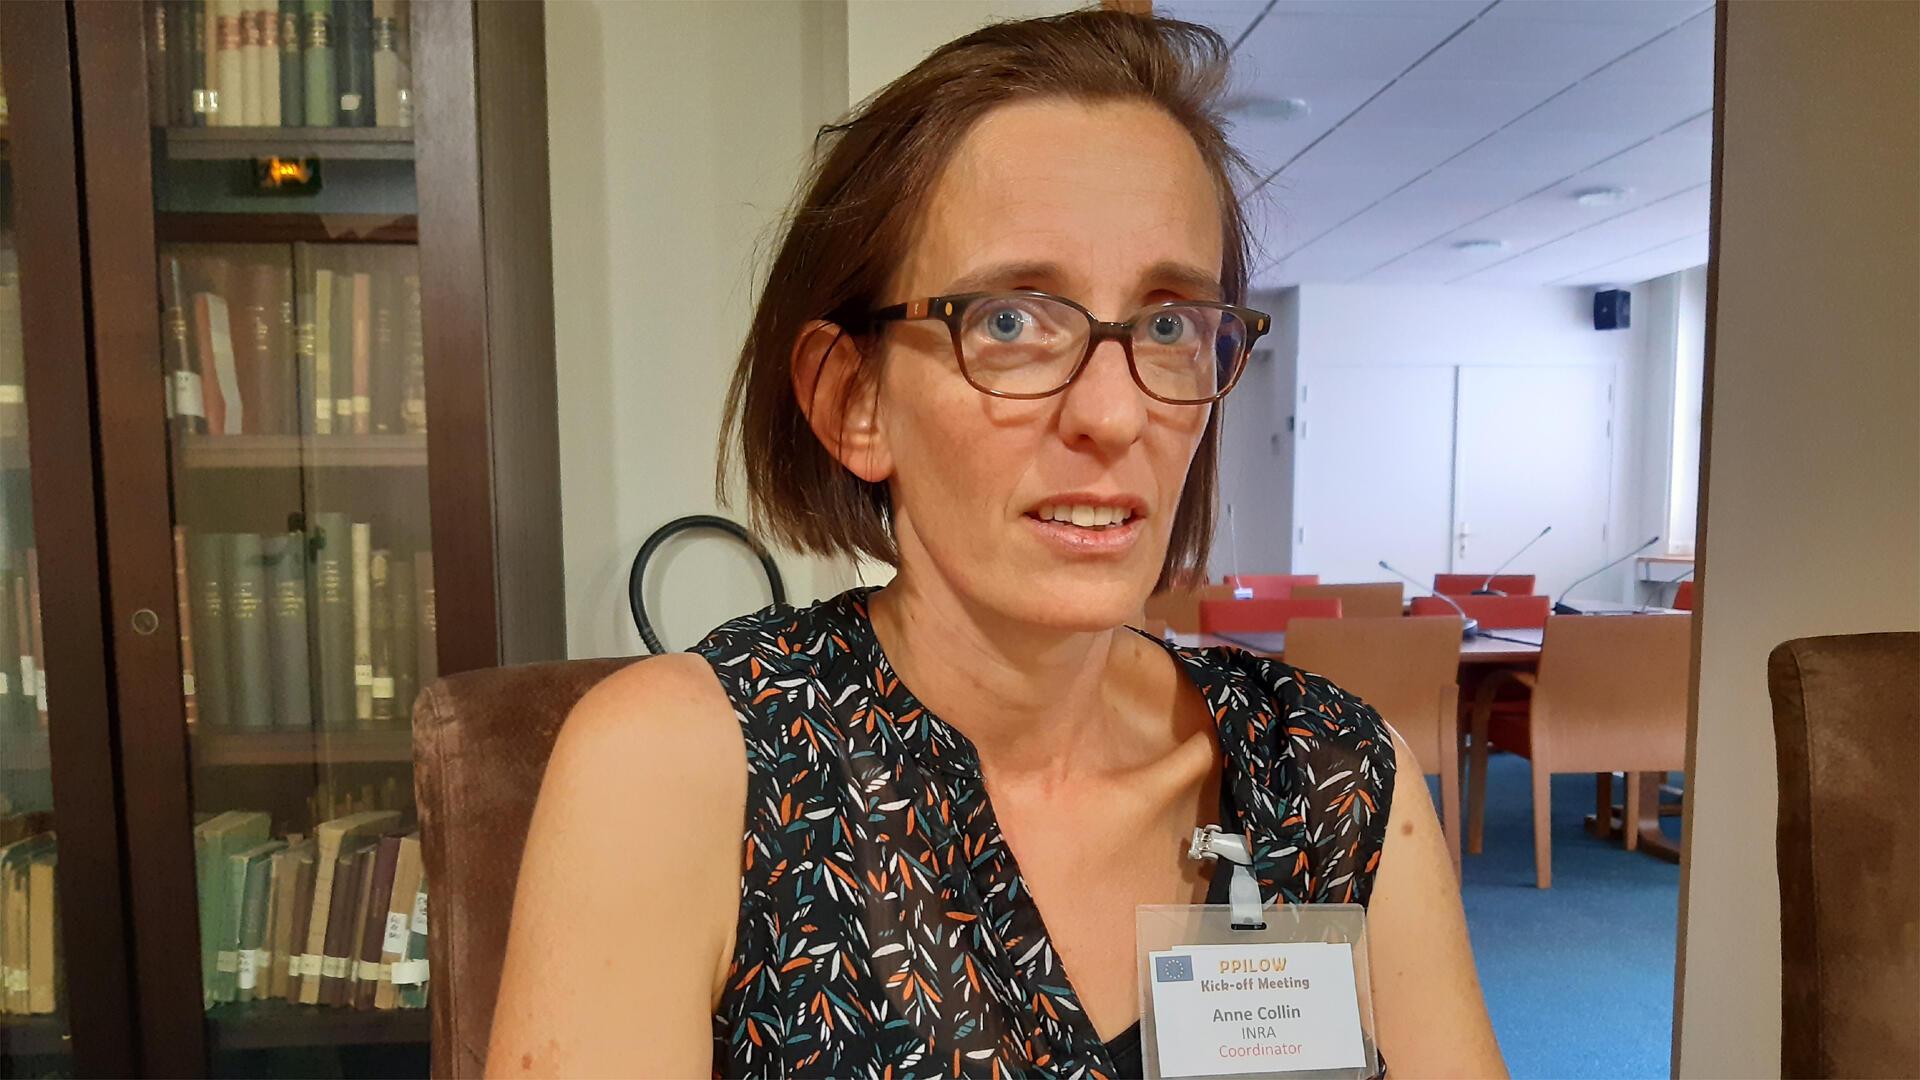 Anne Collin, chercheur à l'institut national de la recherche agronomique (INRA), coordonnatrice du projet H2020.